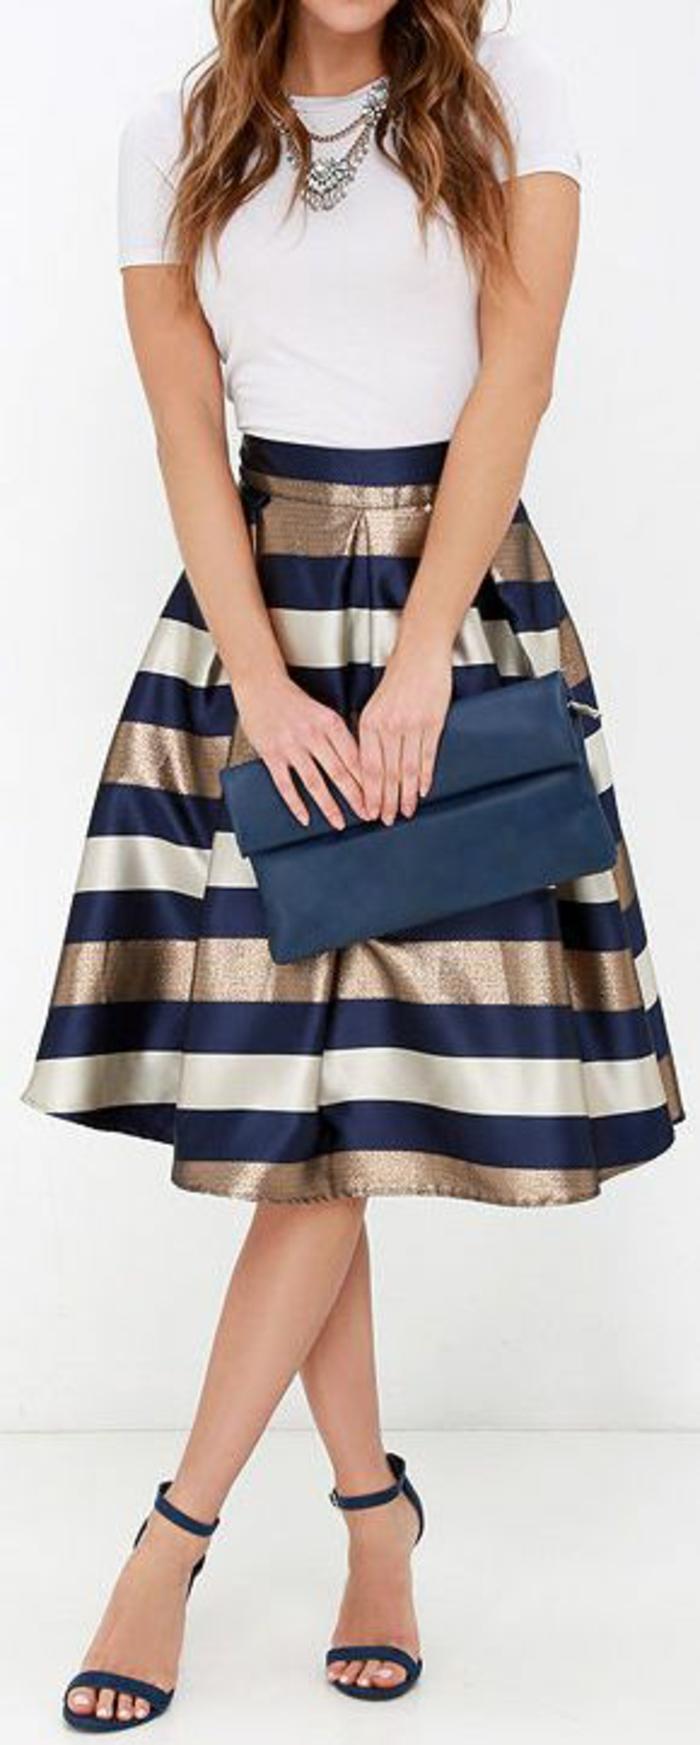 économiser 02a35 2e617 ▷ 1001+ Idées pour la jupe trapèze + des suggestions pour ...